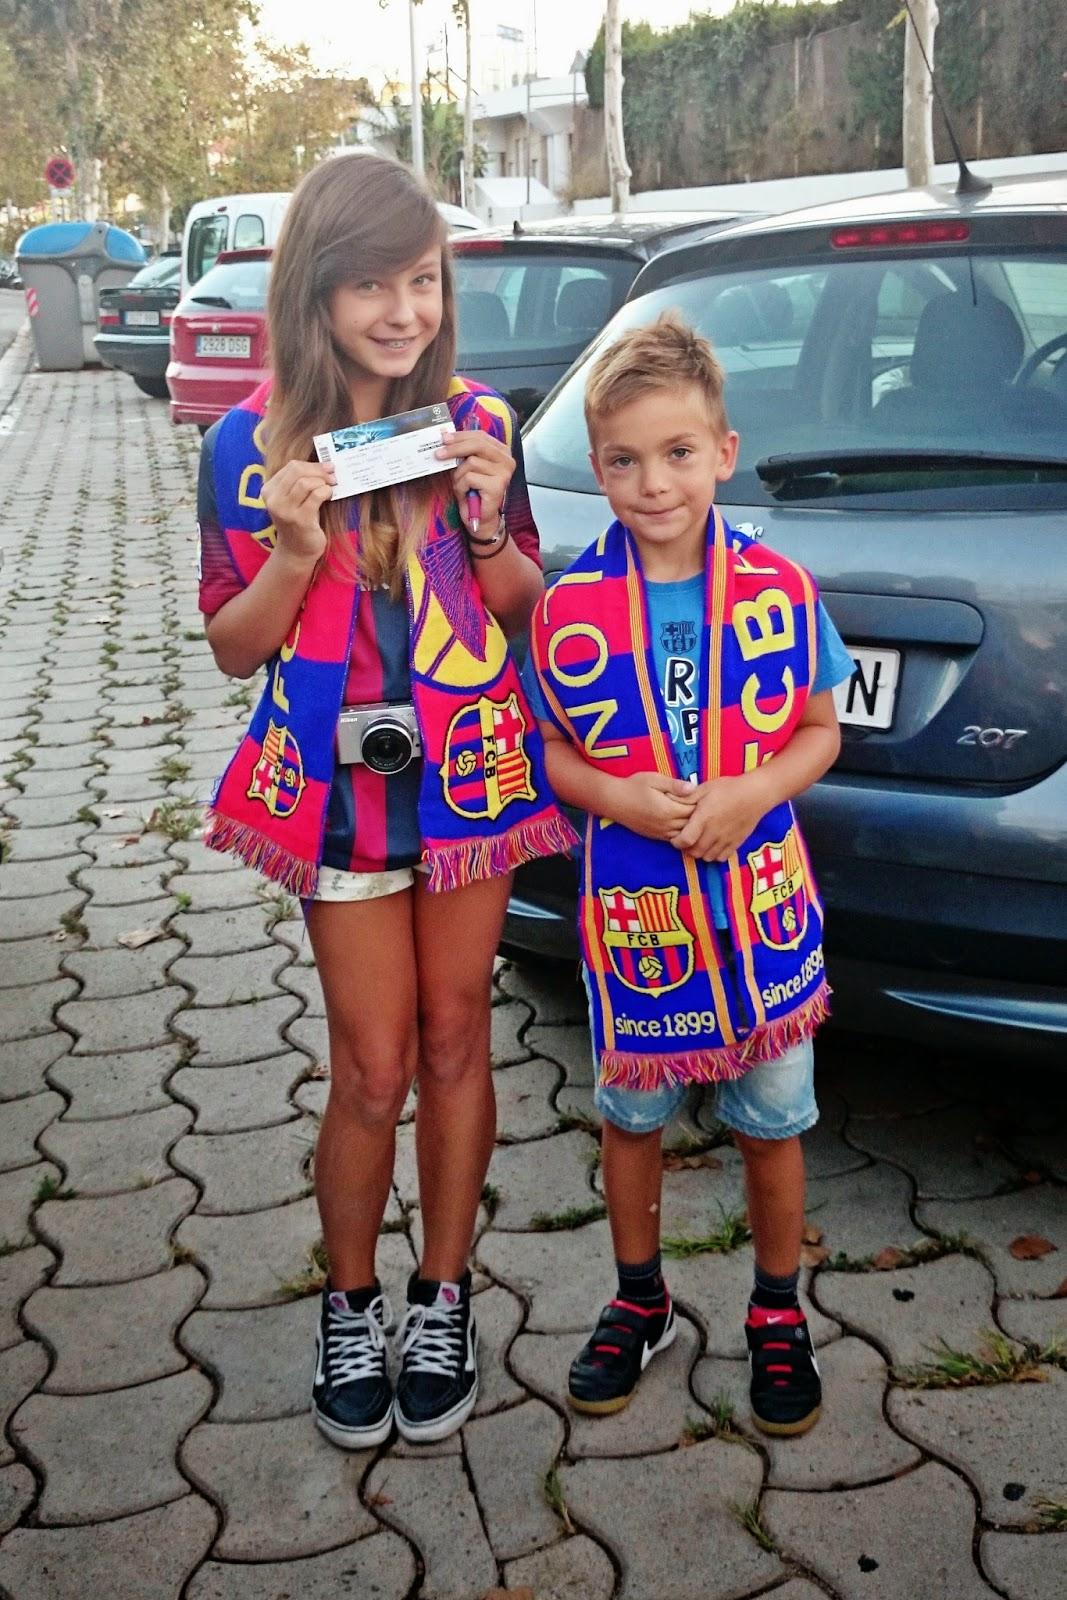 bilety FCB,Camp Nou jak wejść,czy każdy może kupić bilet na mecz FCB,szalik FCB,stadion FCBarcelona,bilety na mecz